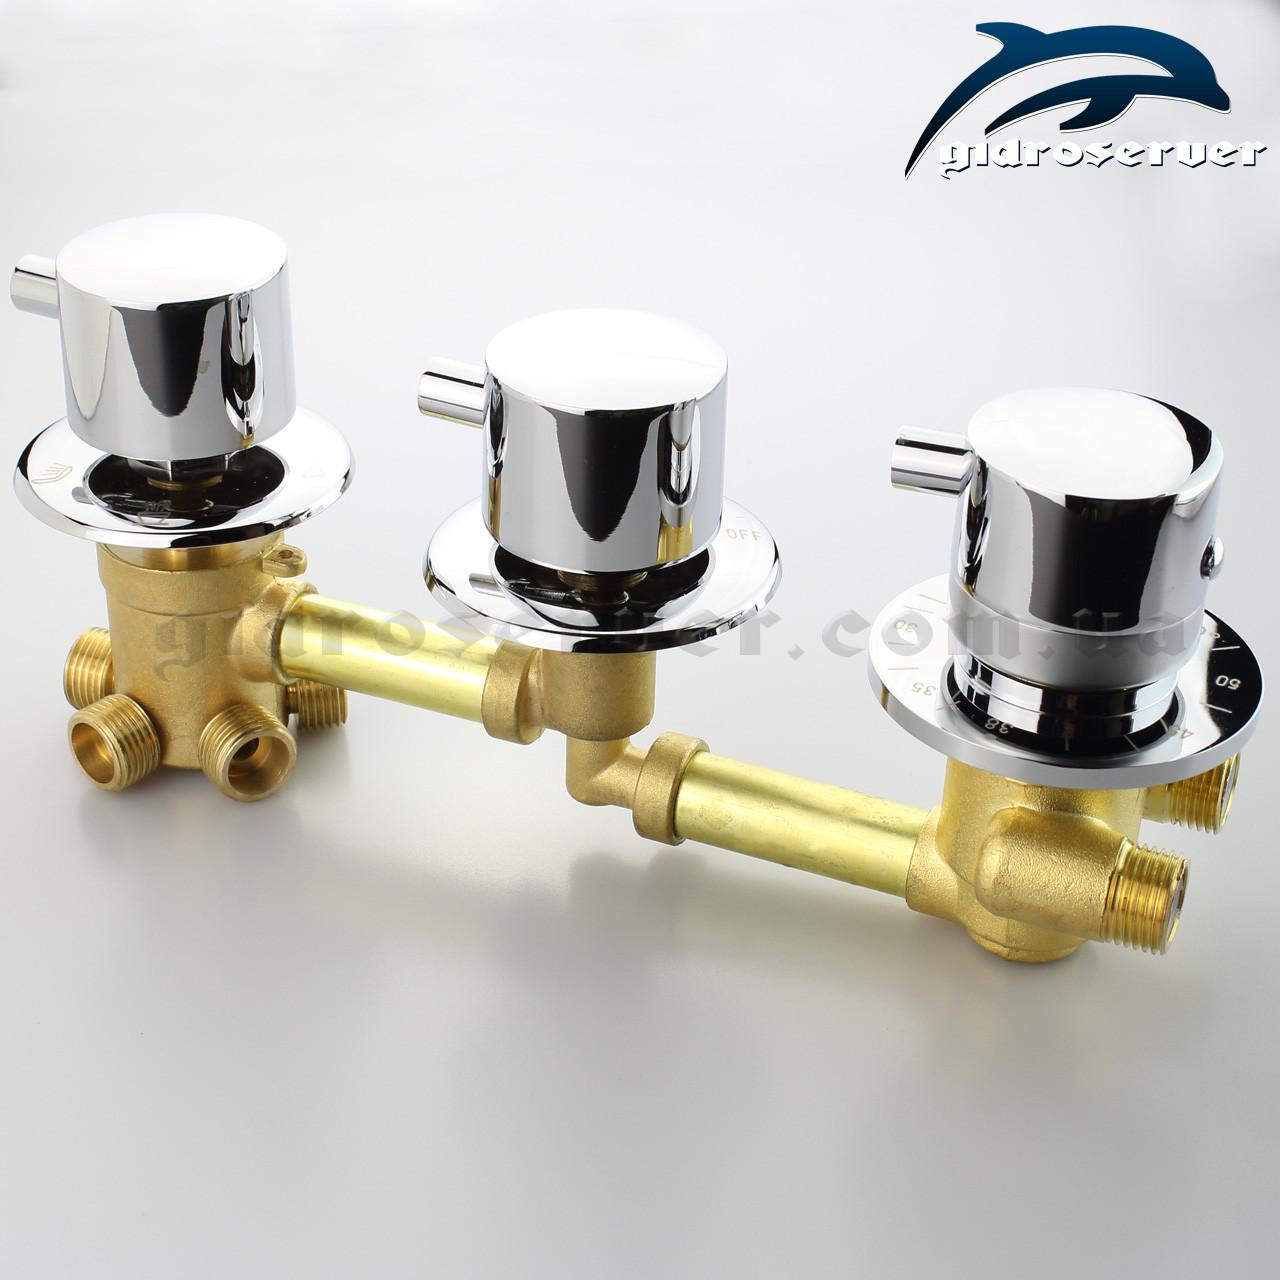 Смеситель с термостатом для душевой кабины, гидробокса, гидромассажной ванны GT-6 на 5 положений.